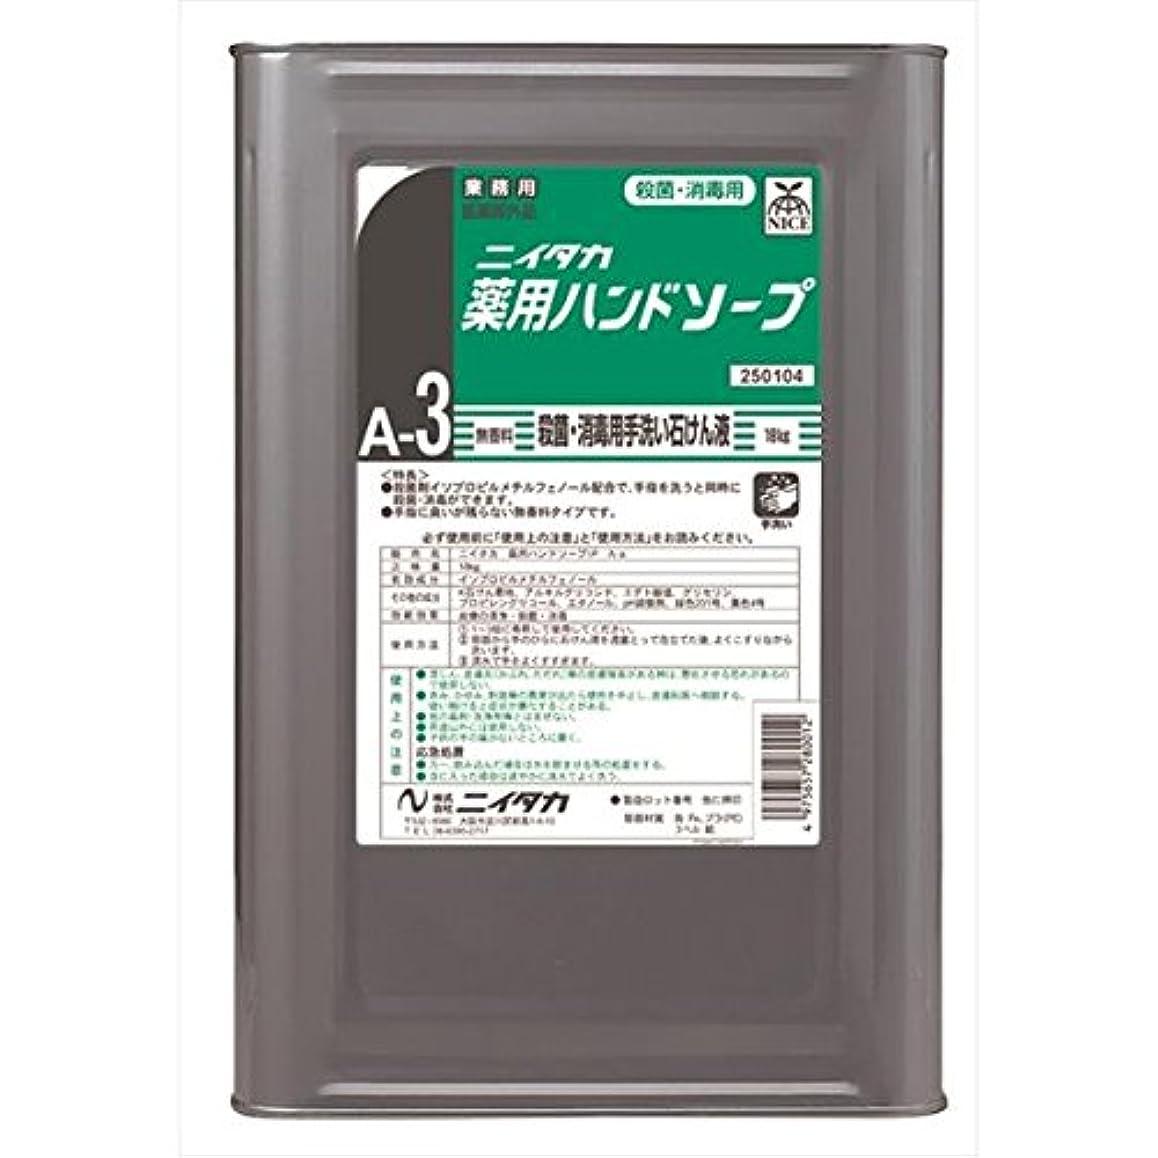 ファウル派手嘆くニイタカ:薬用ハンドソープ(A-3) 18kg 250104